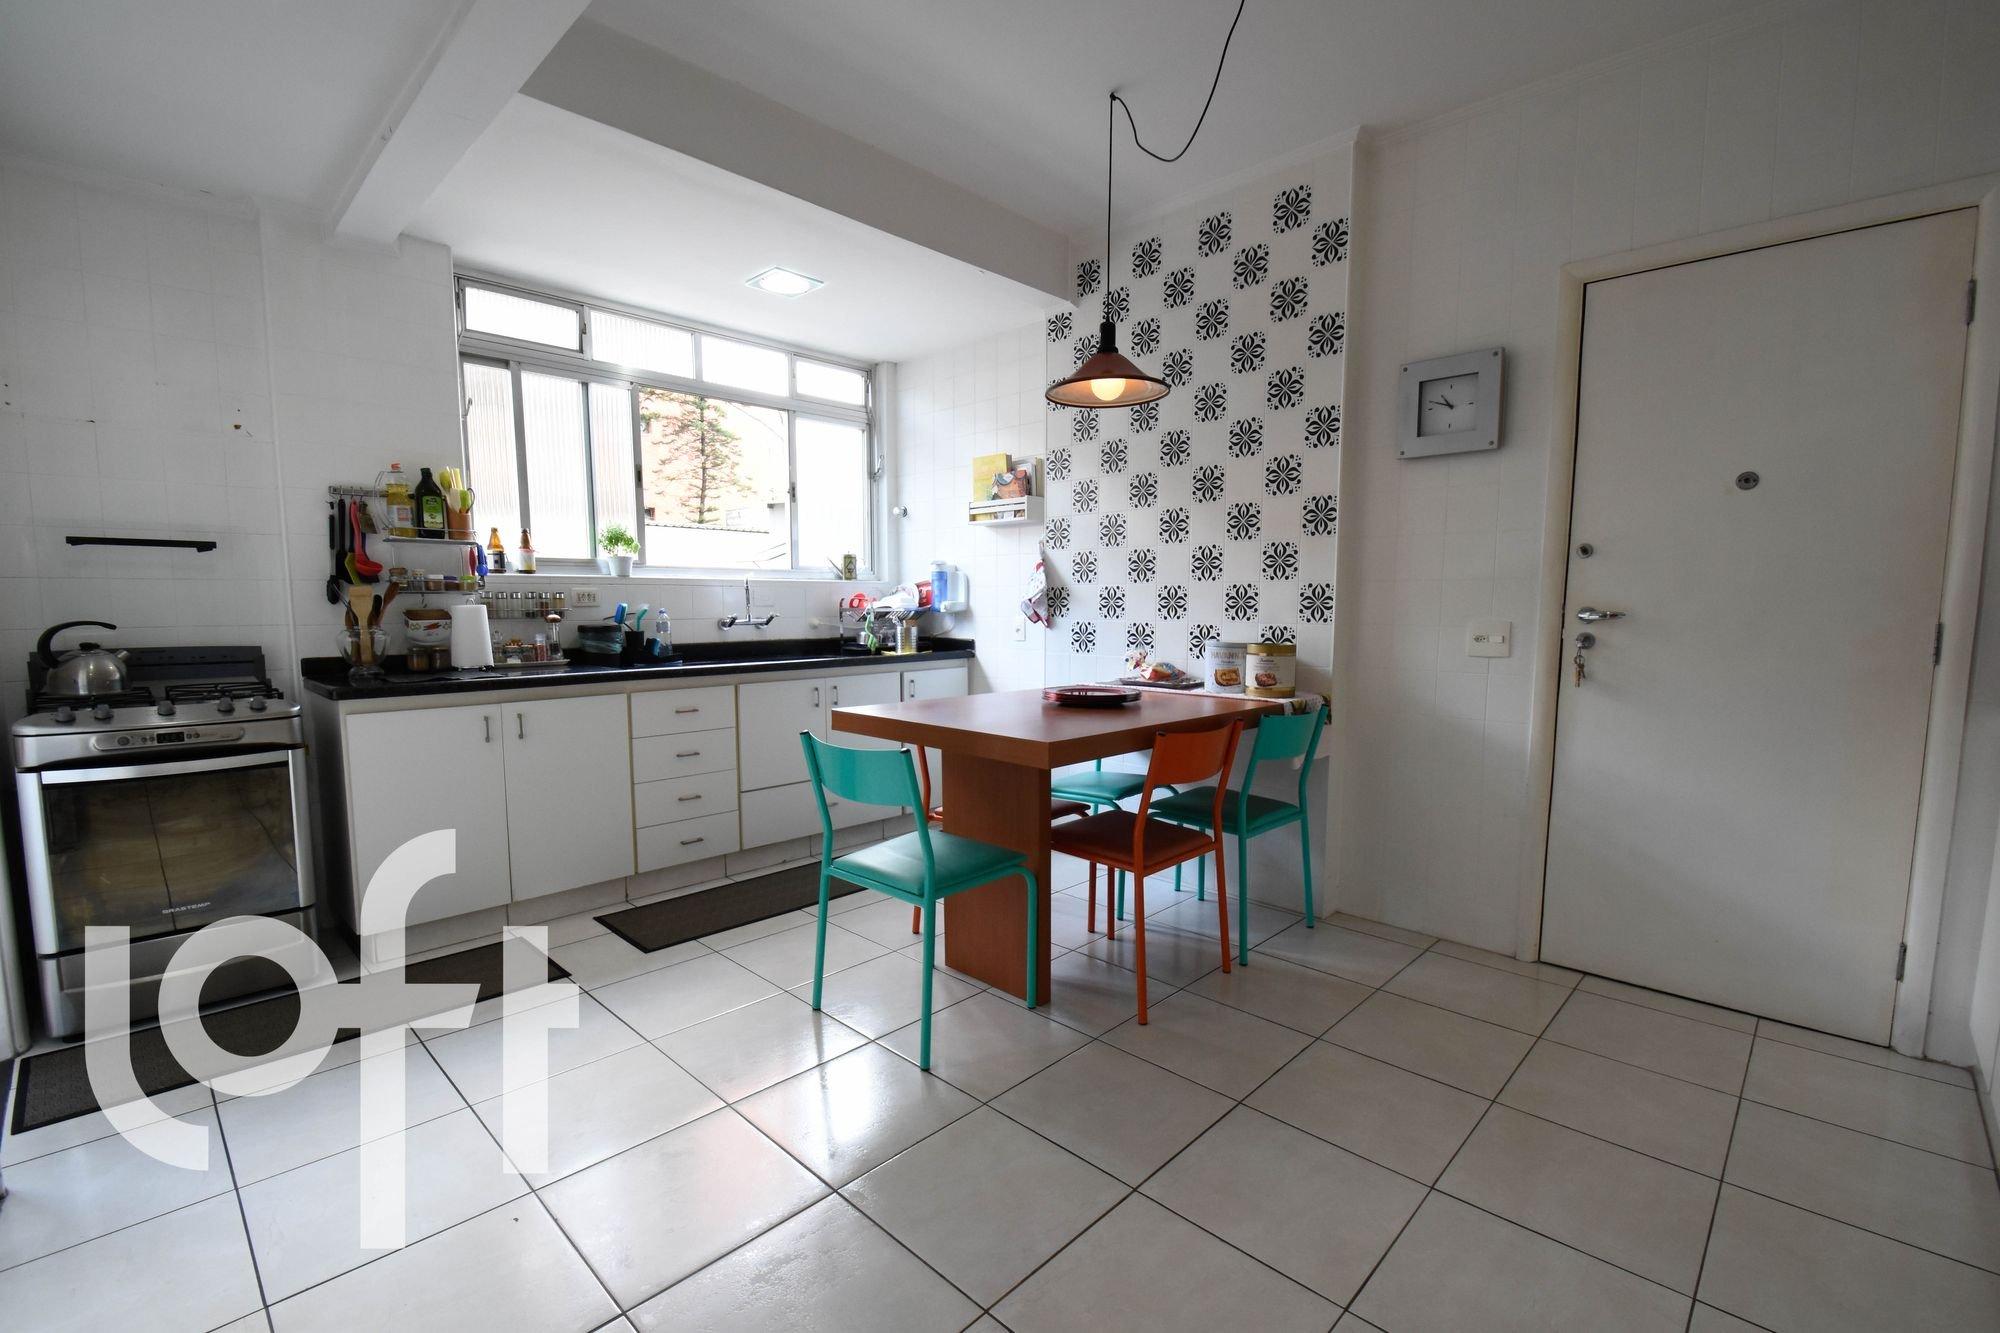 Foto de Cozinha com vaso de planta, garrafa, forno, pia, cadeira